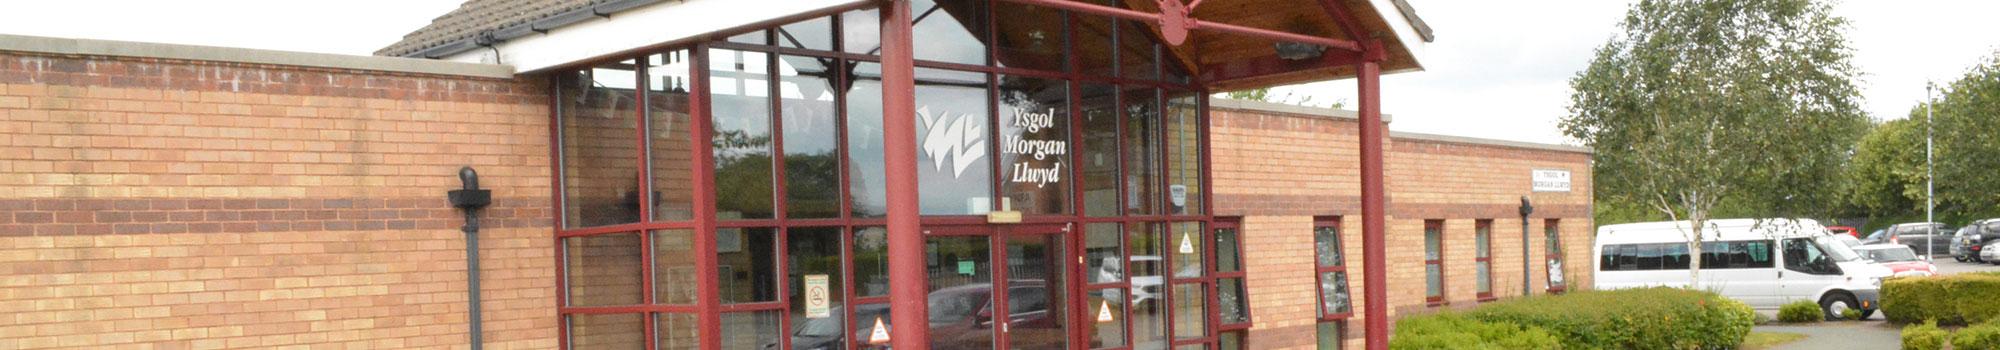 Disgyblion a chyfleusterau Ysgol Morgan Llwyd, Wrecsam